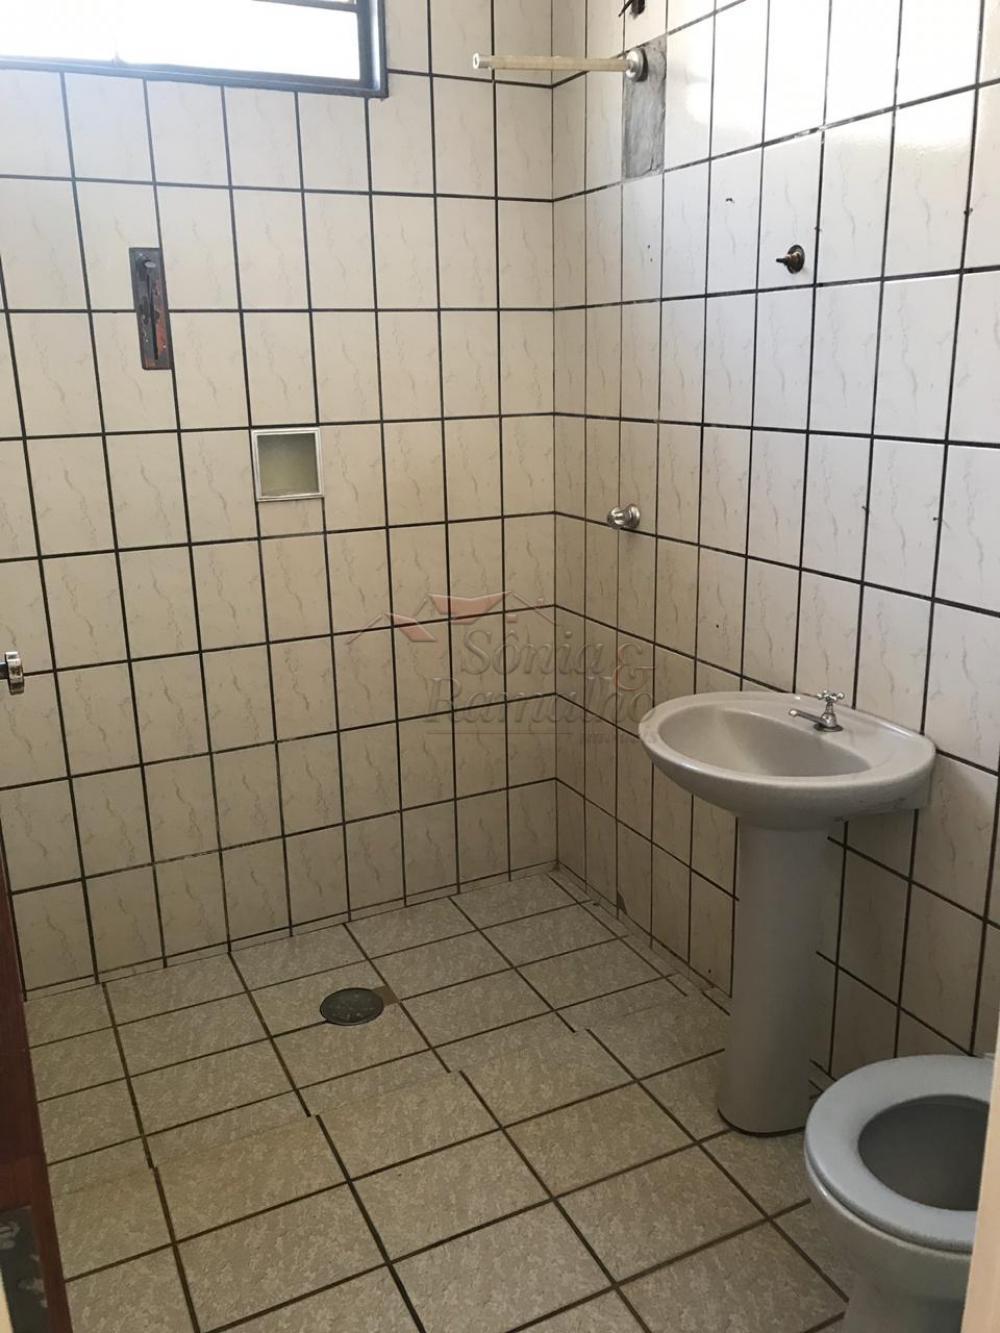 Comprar Casas / Padrão em Ribeirão Preto apenas R$ 340.000,00 - Foto 20